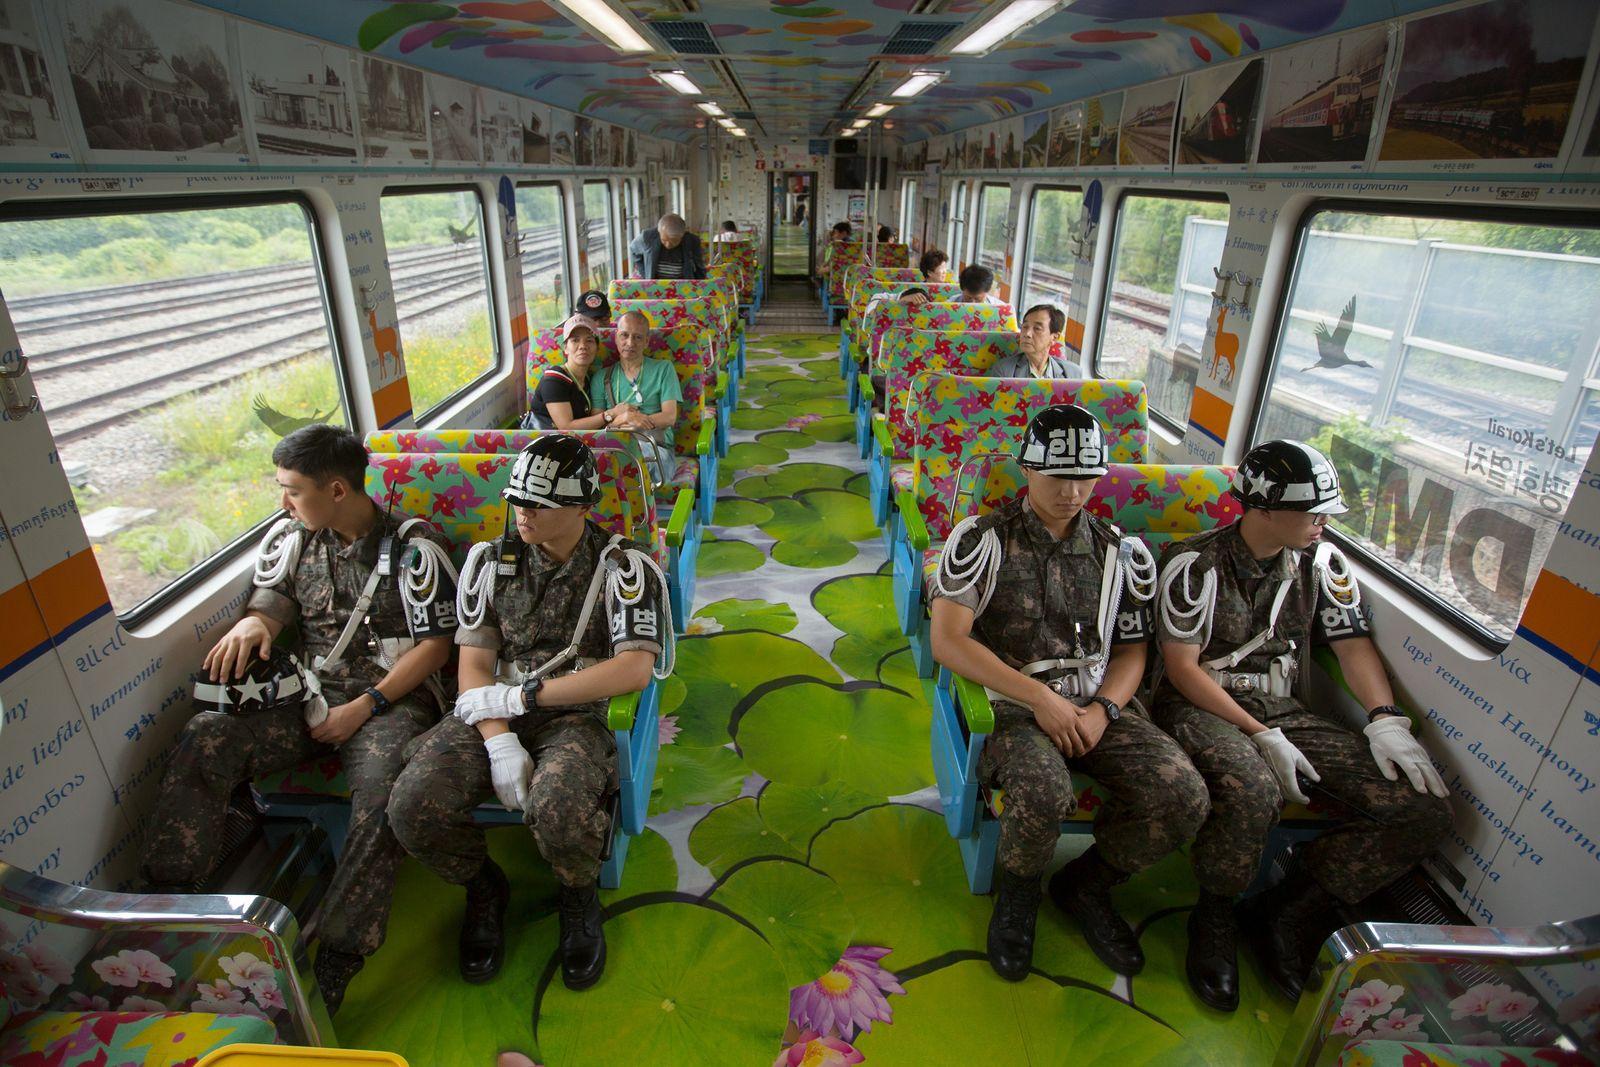 Der DMZ-Friedenszug transportiert südkoreanische Soldaten und Touristen von Seoul zu den Bahnhöfen die der demilitarisierten Zone ...